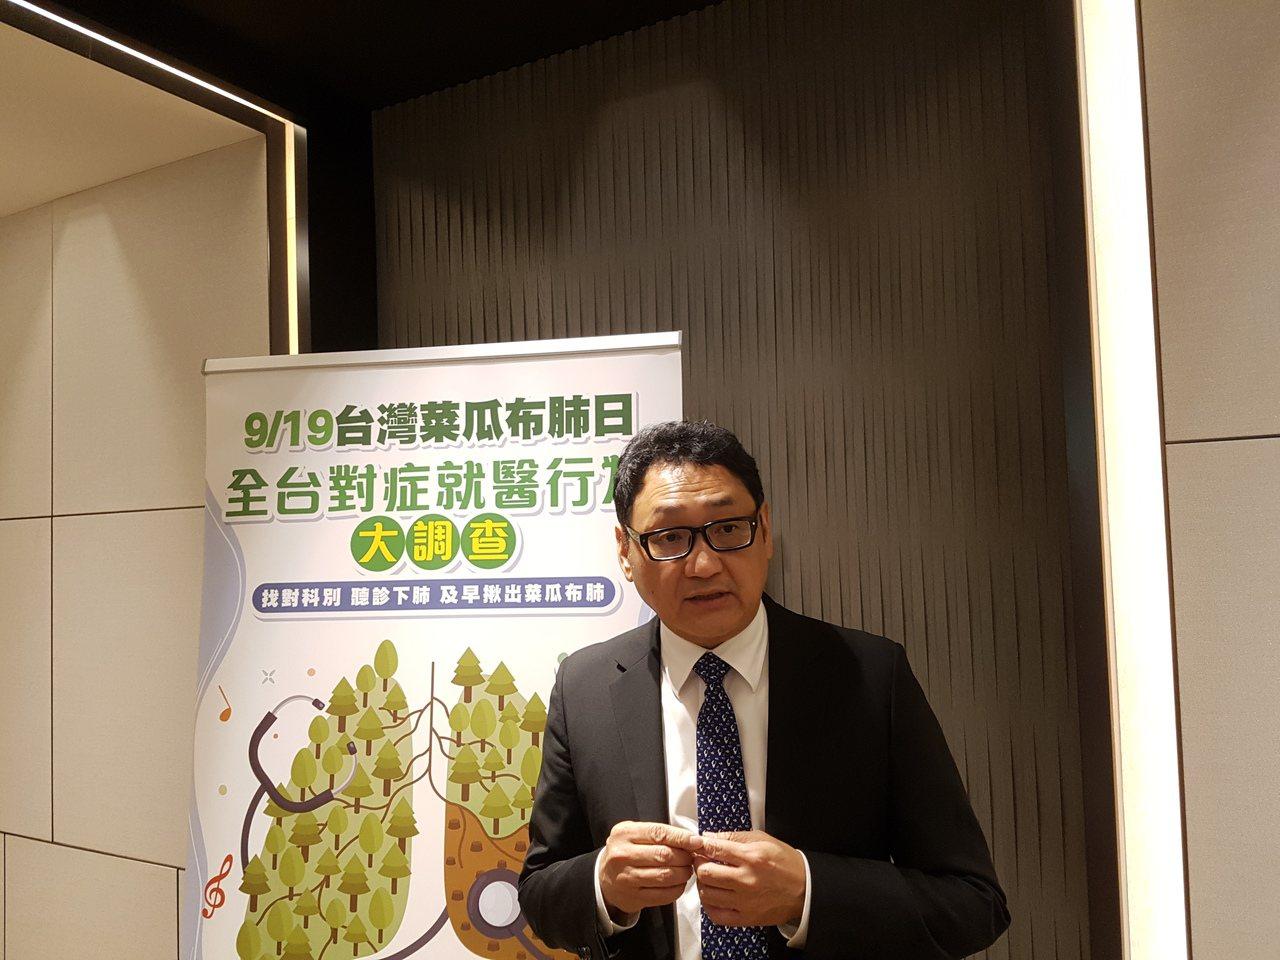 陶啟偉表示,由於過去對菜瓜布肺的不了解,因此長期被忽略。記者楊雅棠/攝影